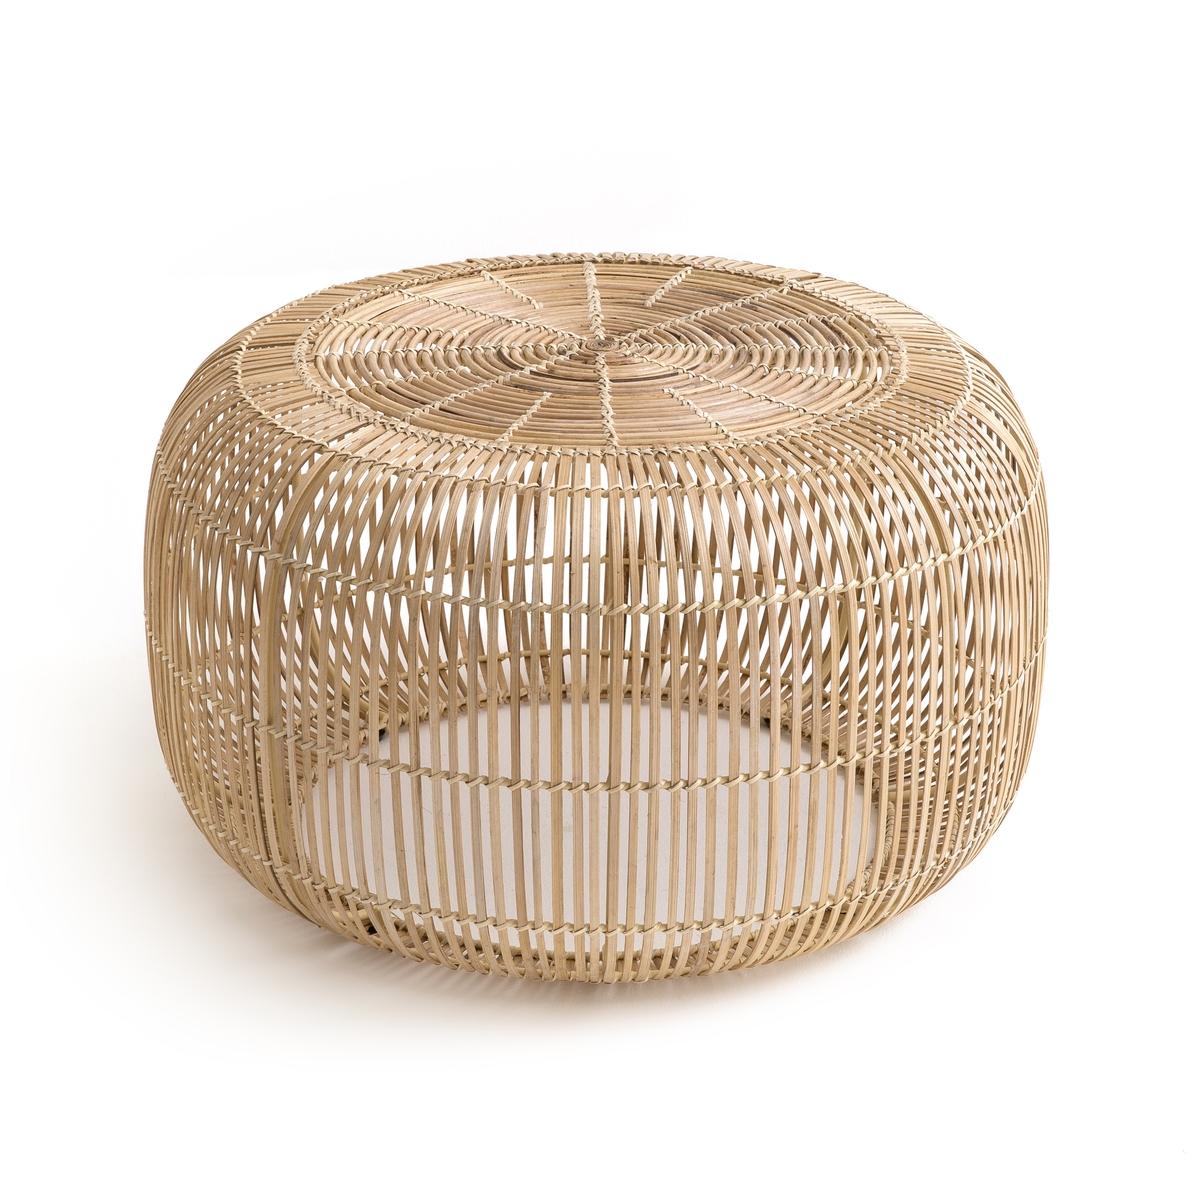 Столик LaRedoute Журнальный круглый из бамбука BANGOR единый размер бежевый